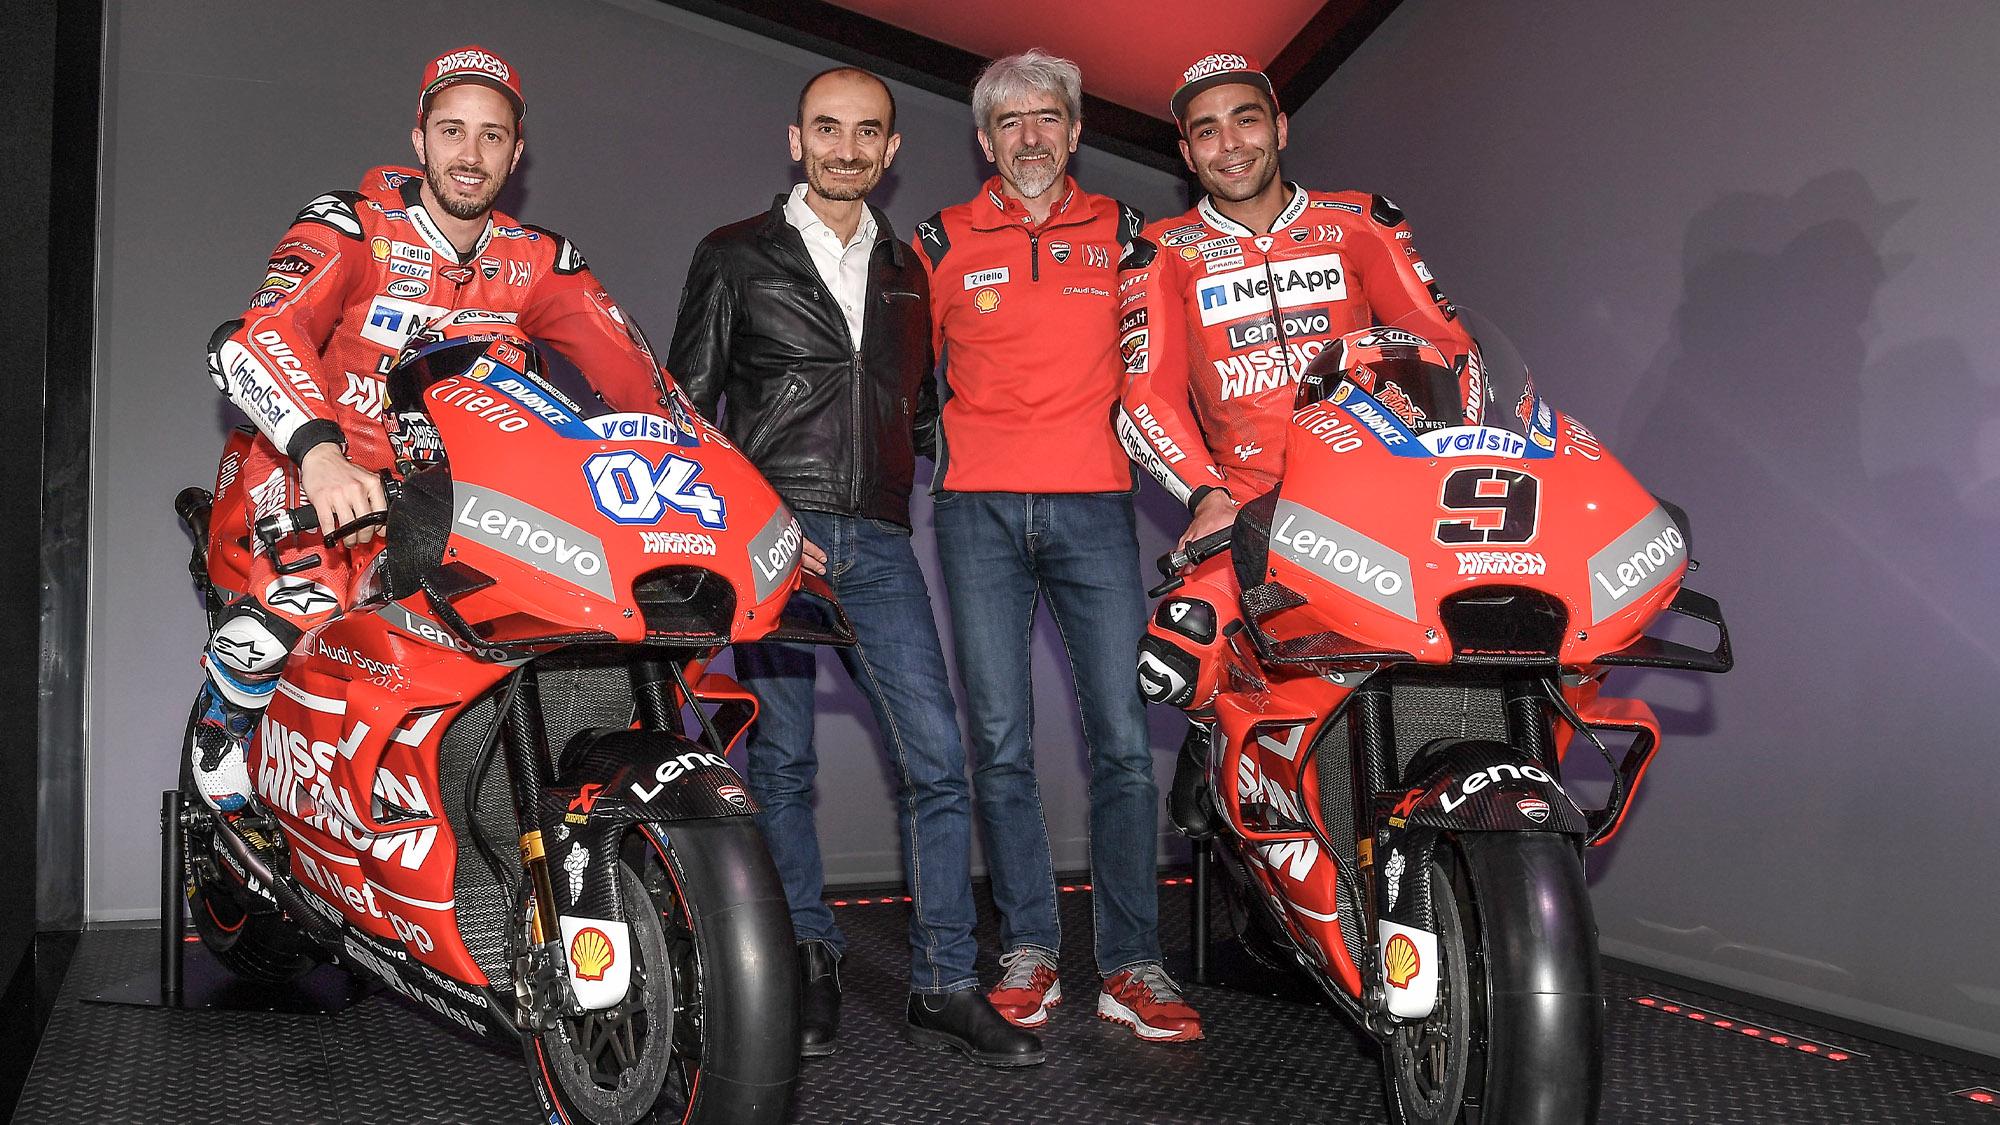 2020 Ducati MotoGP team with Dovizioso Domenicali Dall Igna and Petrucci